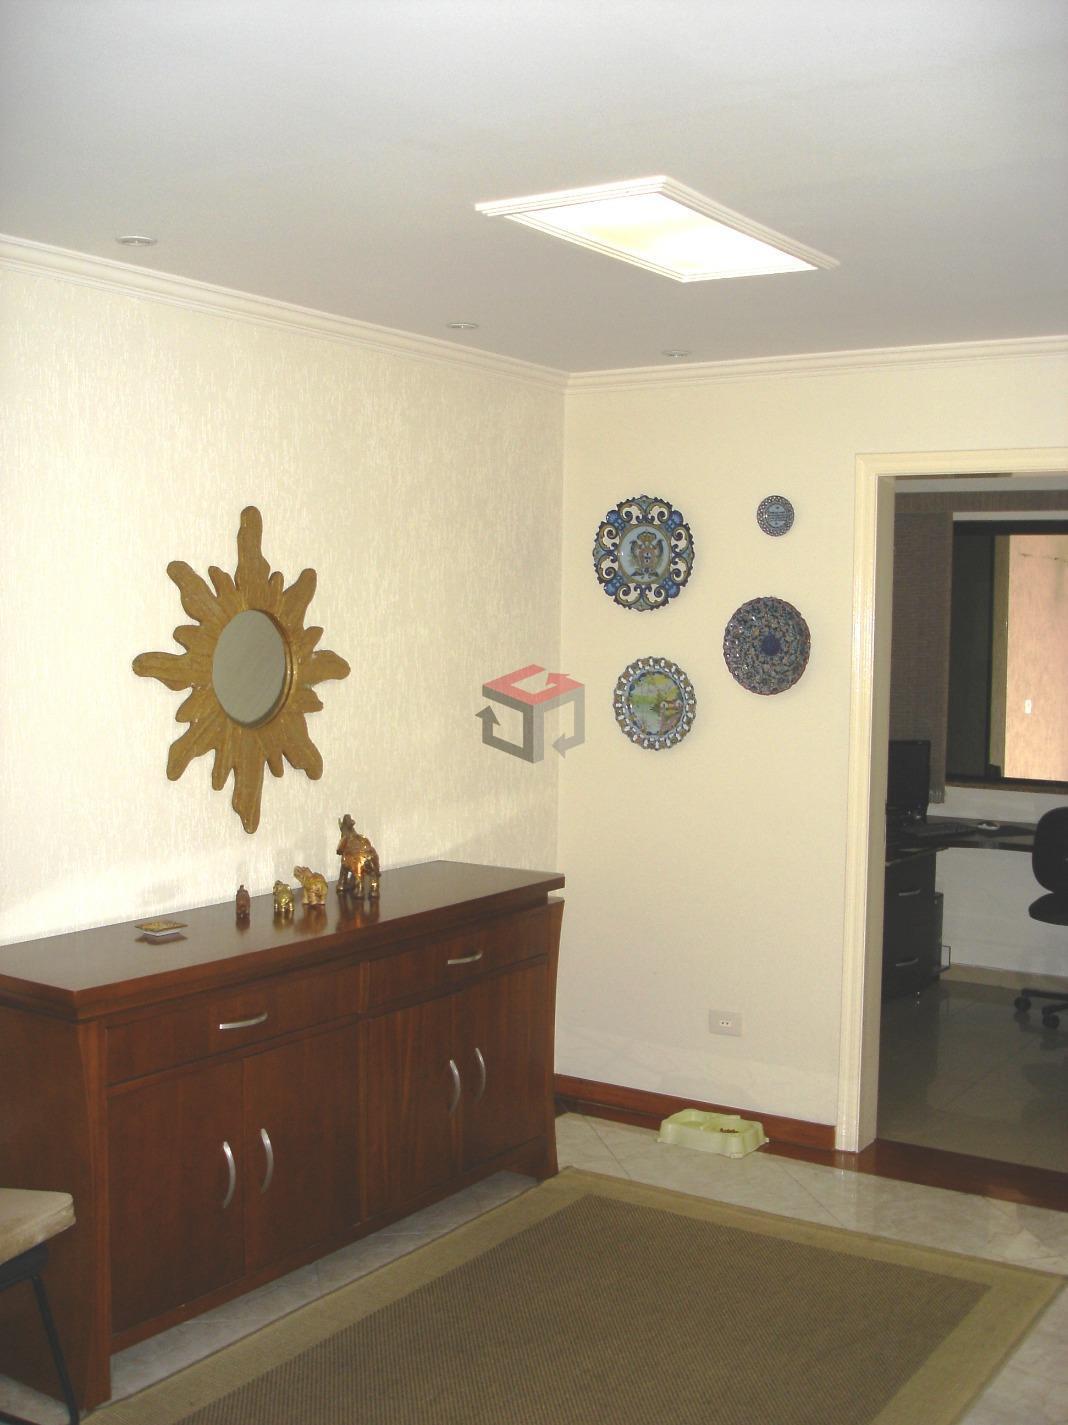 Sobrado de 4 dormitórios à venda em Vila Metalúrgica, Santo André - SP